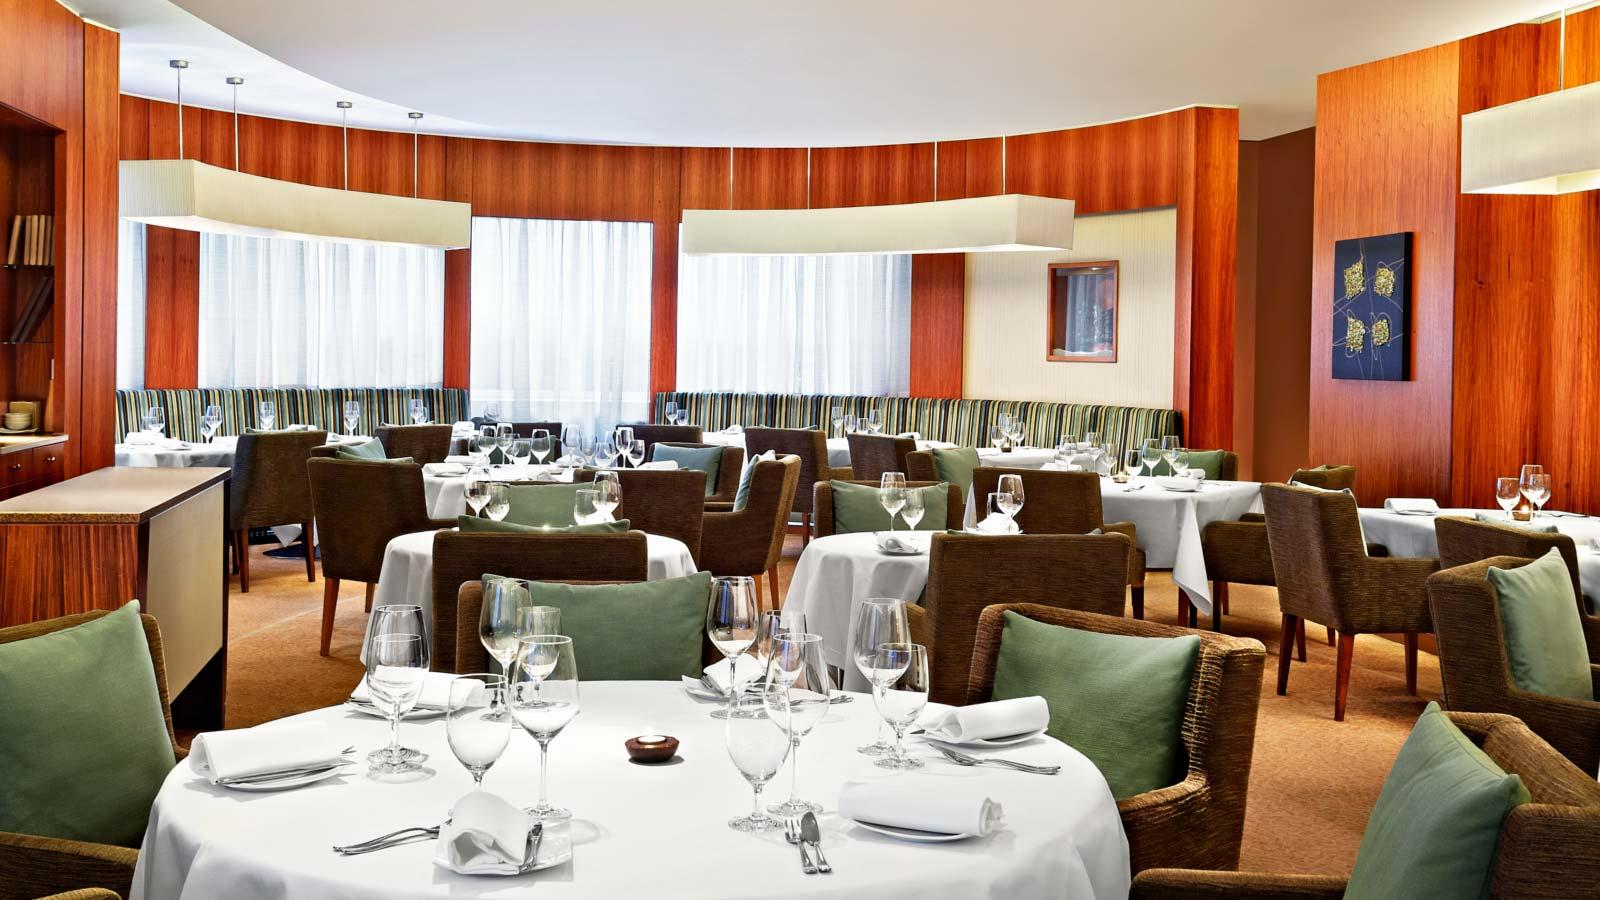 ザ・パークタワー・ナイツブリッジ・ラグジュアリー・コレクション・ホテルののレストラン